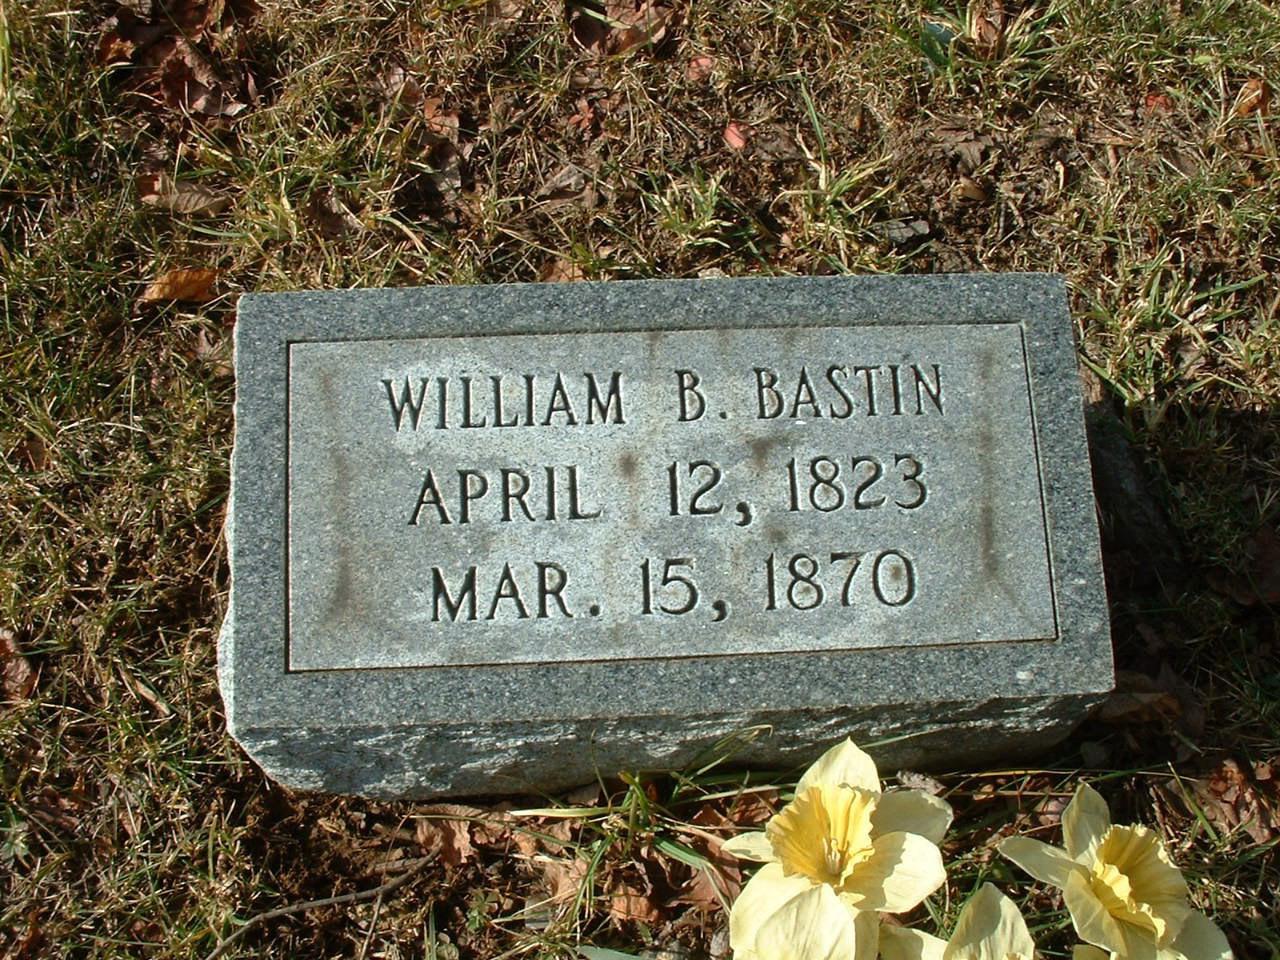 William C Bastin